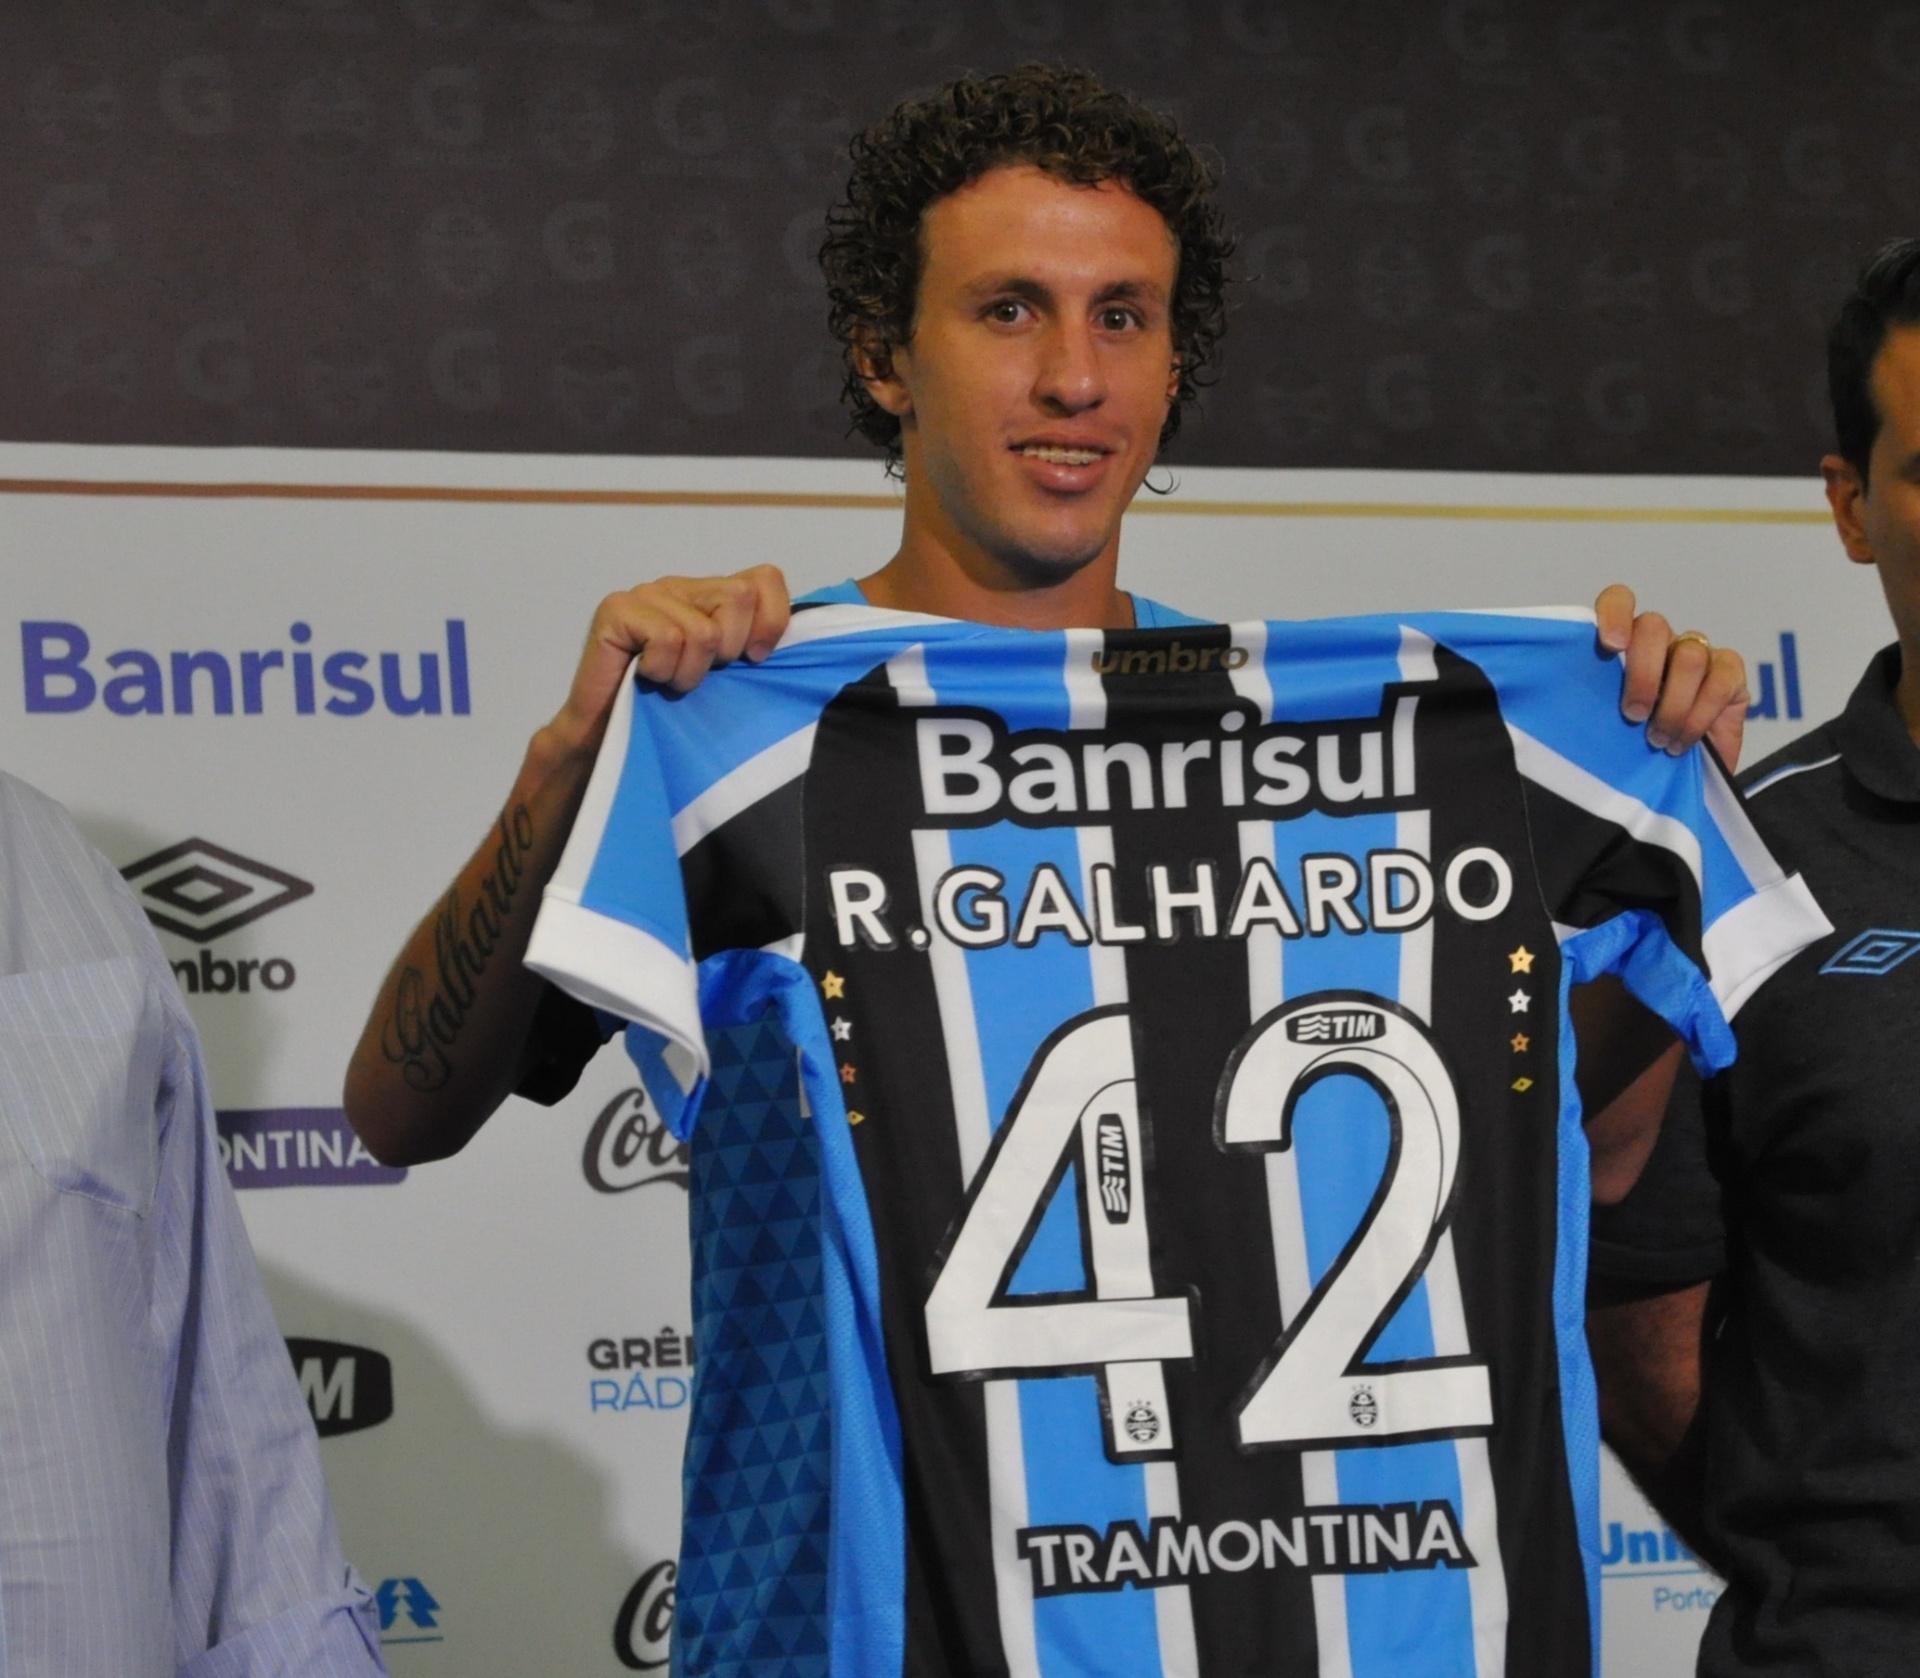 3450355e9c69e Ele tirou o Grêmio da Libertadores. Agora promete recompensar o time -  13 01 2015 - UOL Esporte